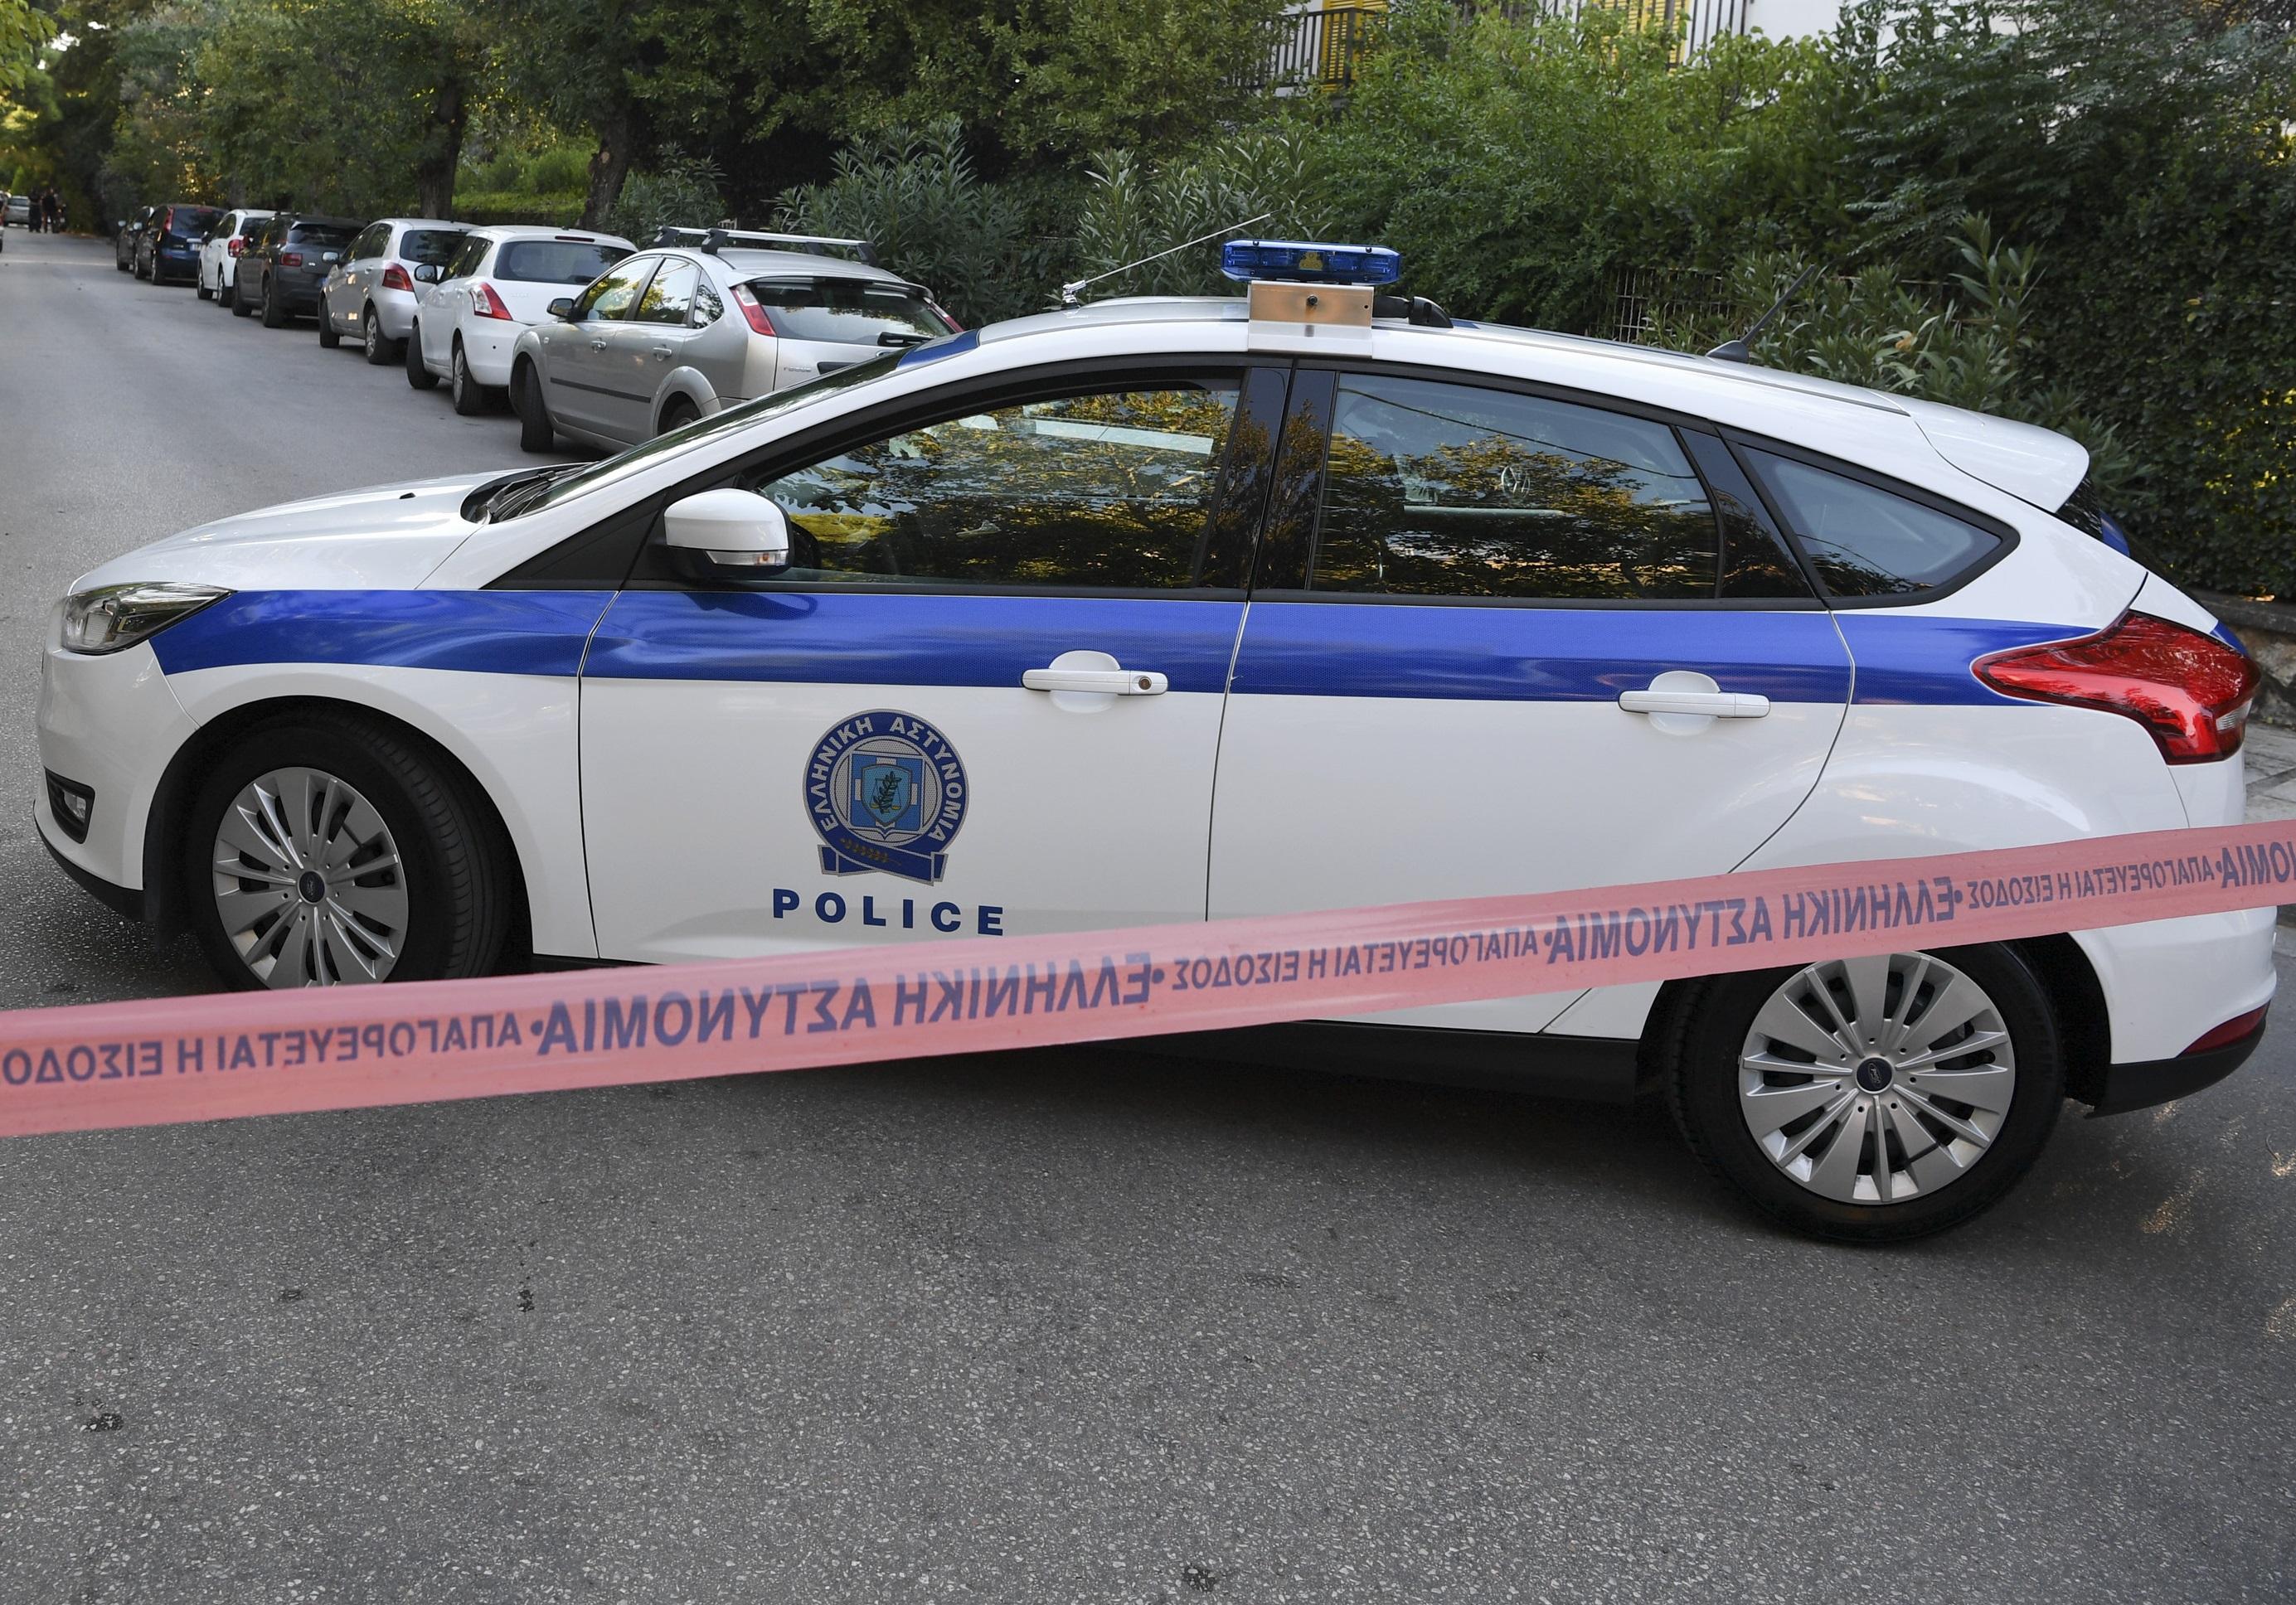 Επίθεση 10 Ρομά σε αστυνομικούς! Τους έστειλαν στο νοσοκομείο